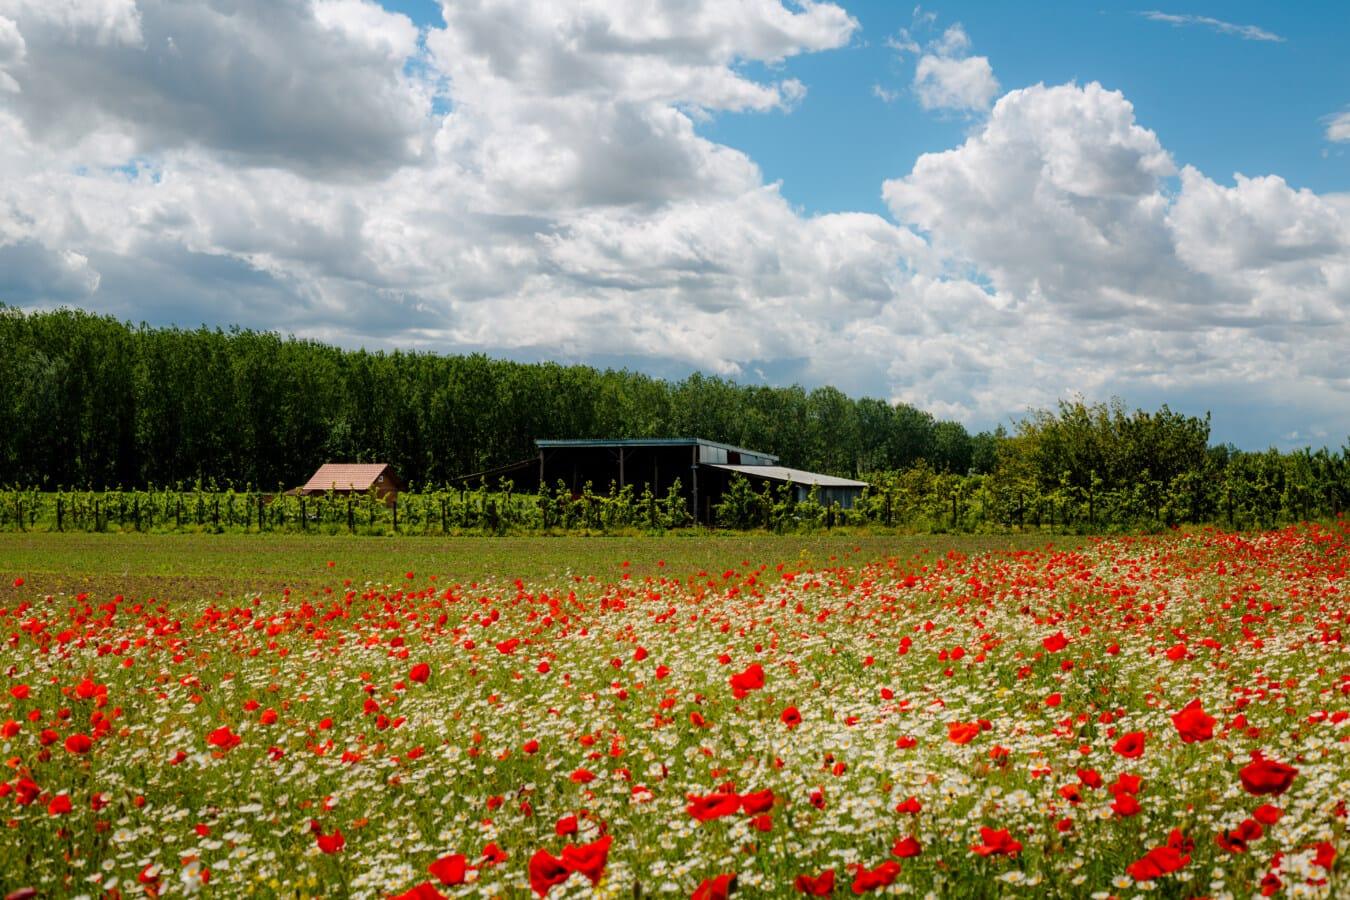 Ackerland, Bauernhof, Bauernhaus, Obstgarten, Kamille, Wildblumen, Blumen, Mohn, Frühling, Feld